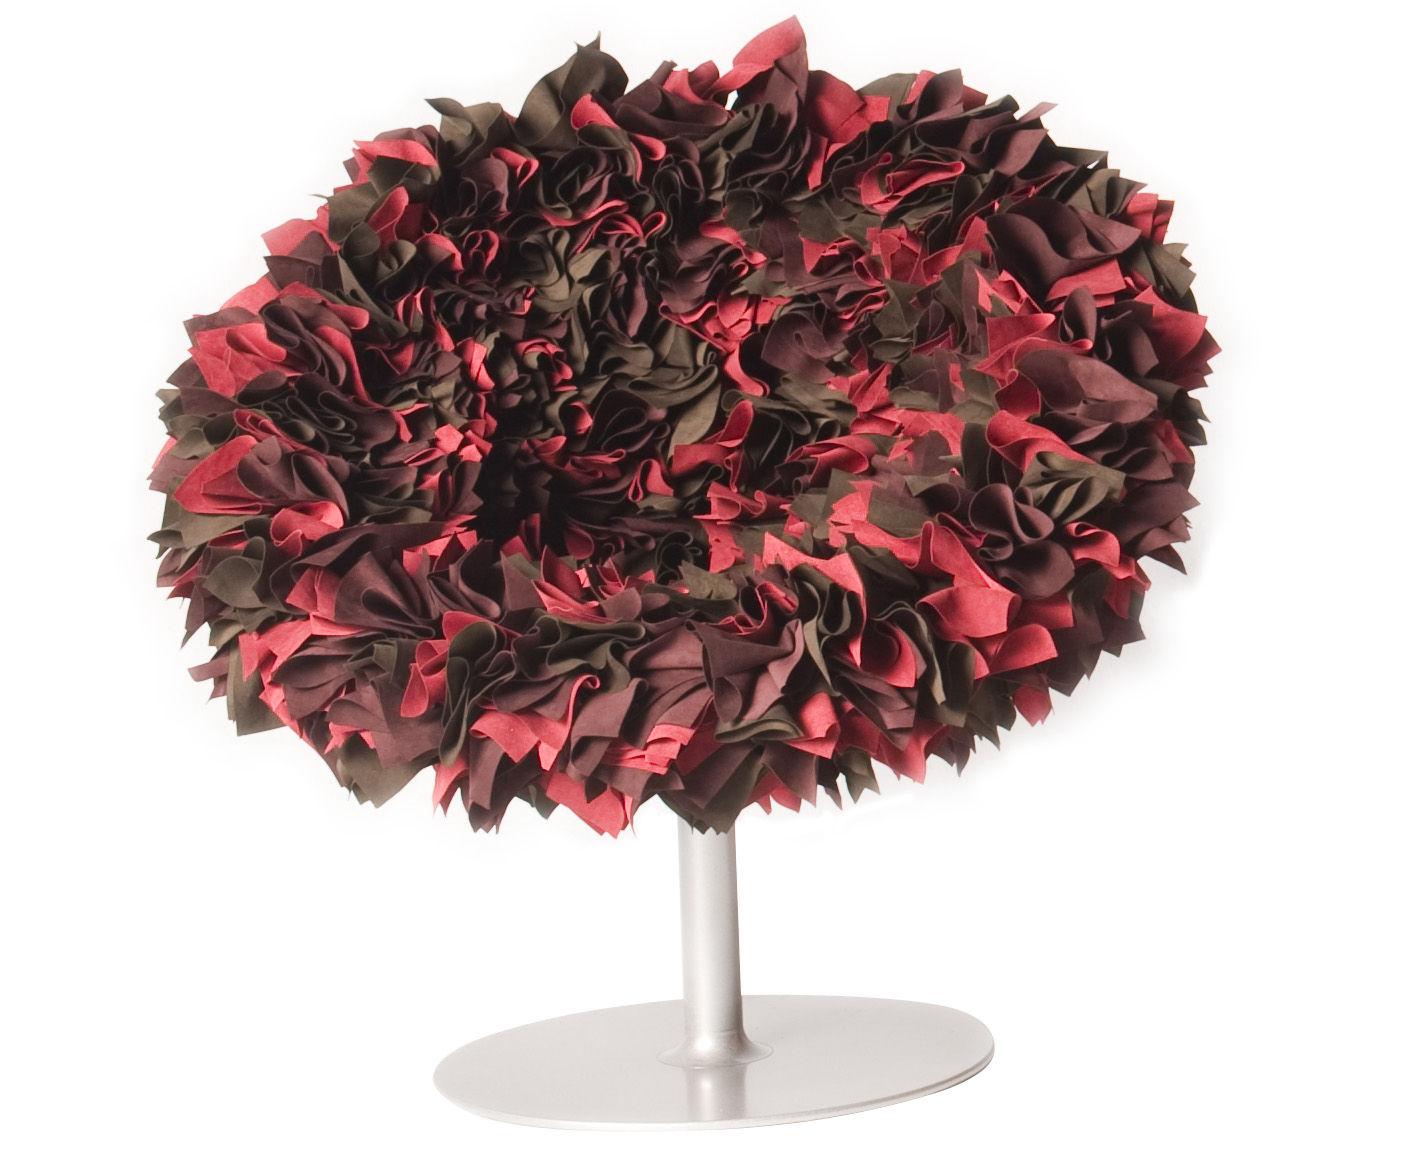 Arredamento - Mobili d'eccezione - Poltrona girevole Bouquet di Moroso - Tonalità rosse / Scocca bordeaux - Acciaio verniciato, Fibra di vetro, Tessuto